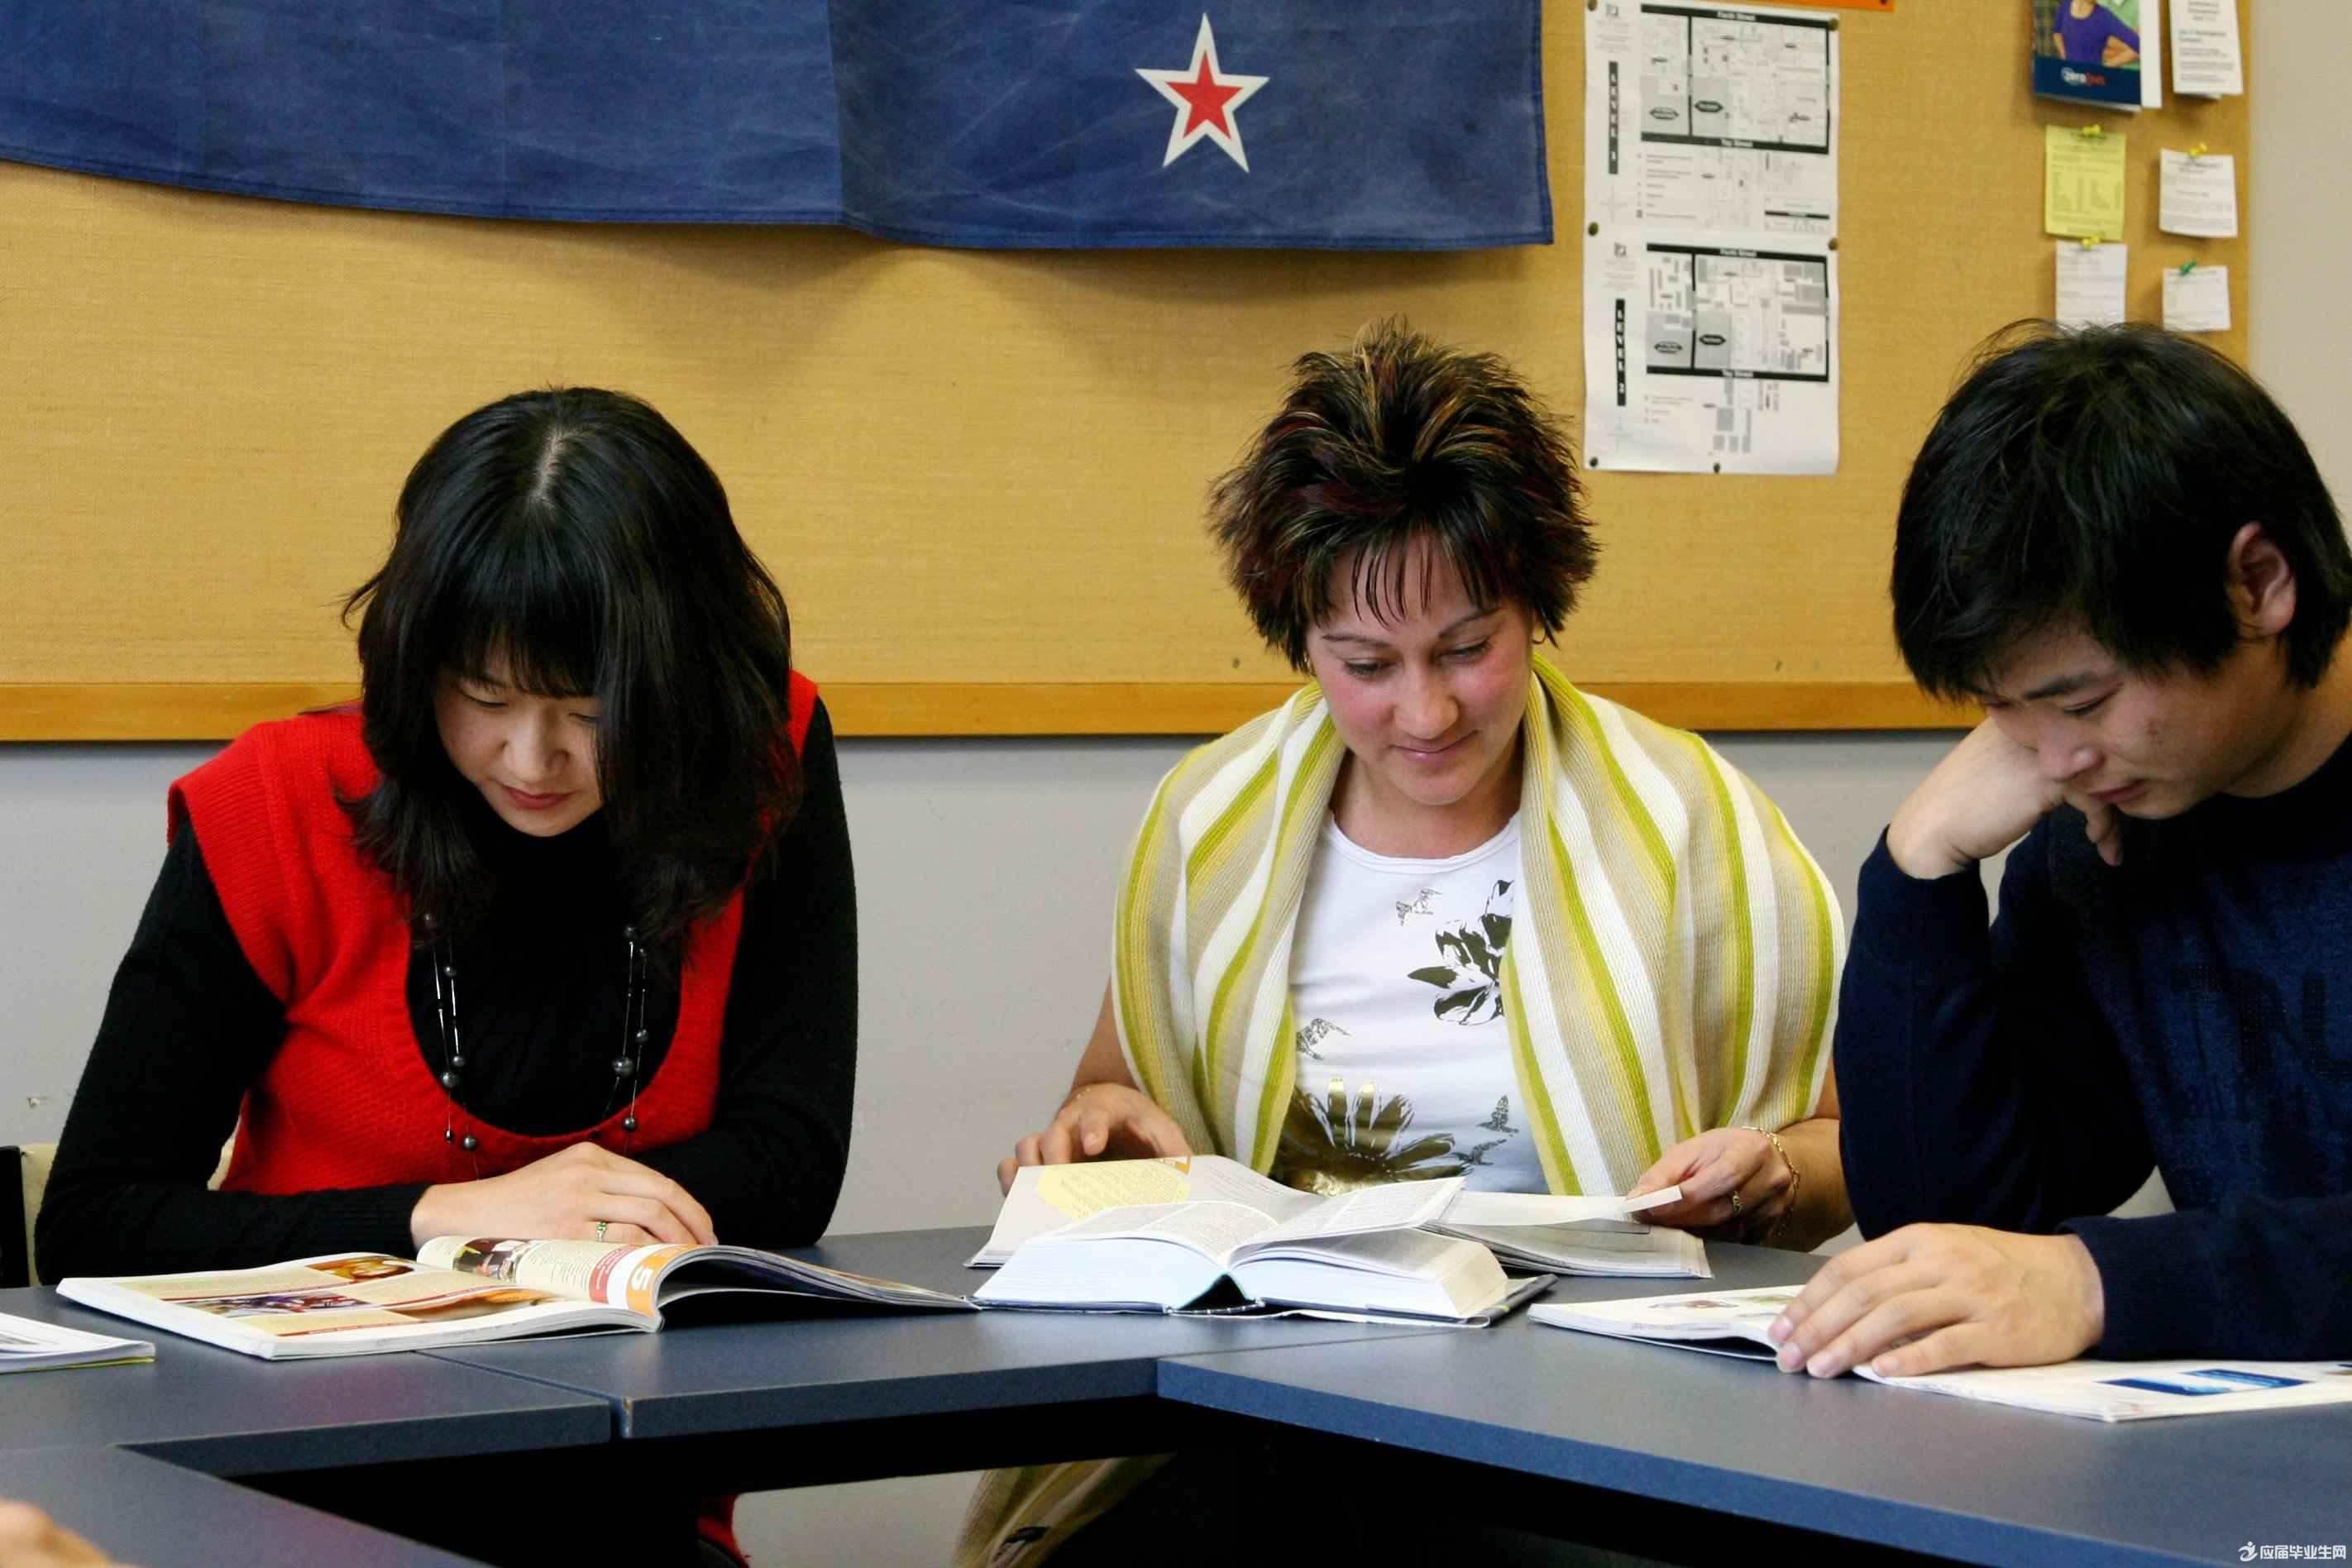 新西兰博士留学生数量增五倍 创造超过学费的价值